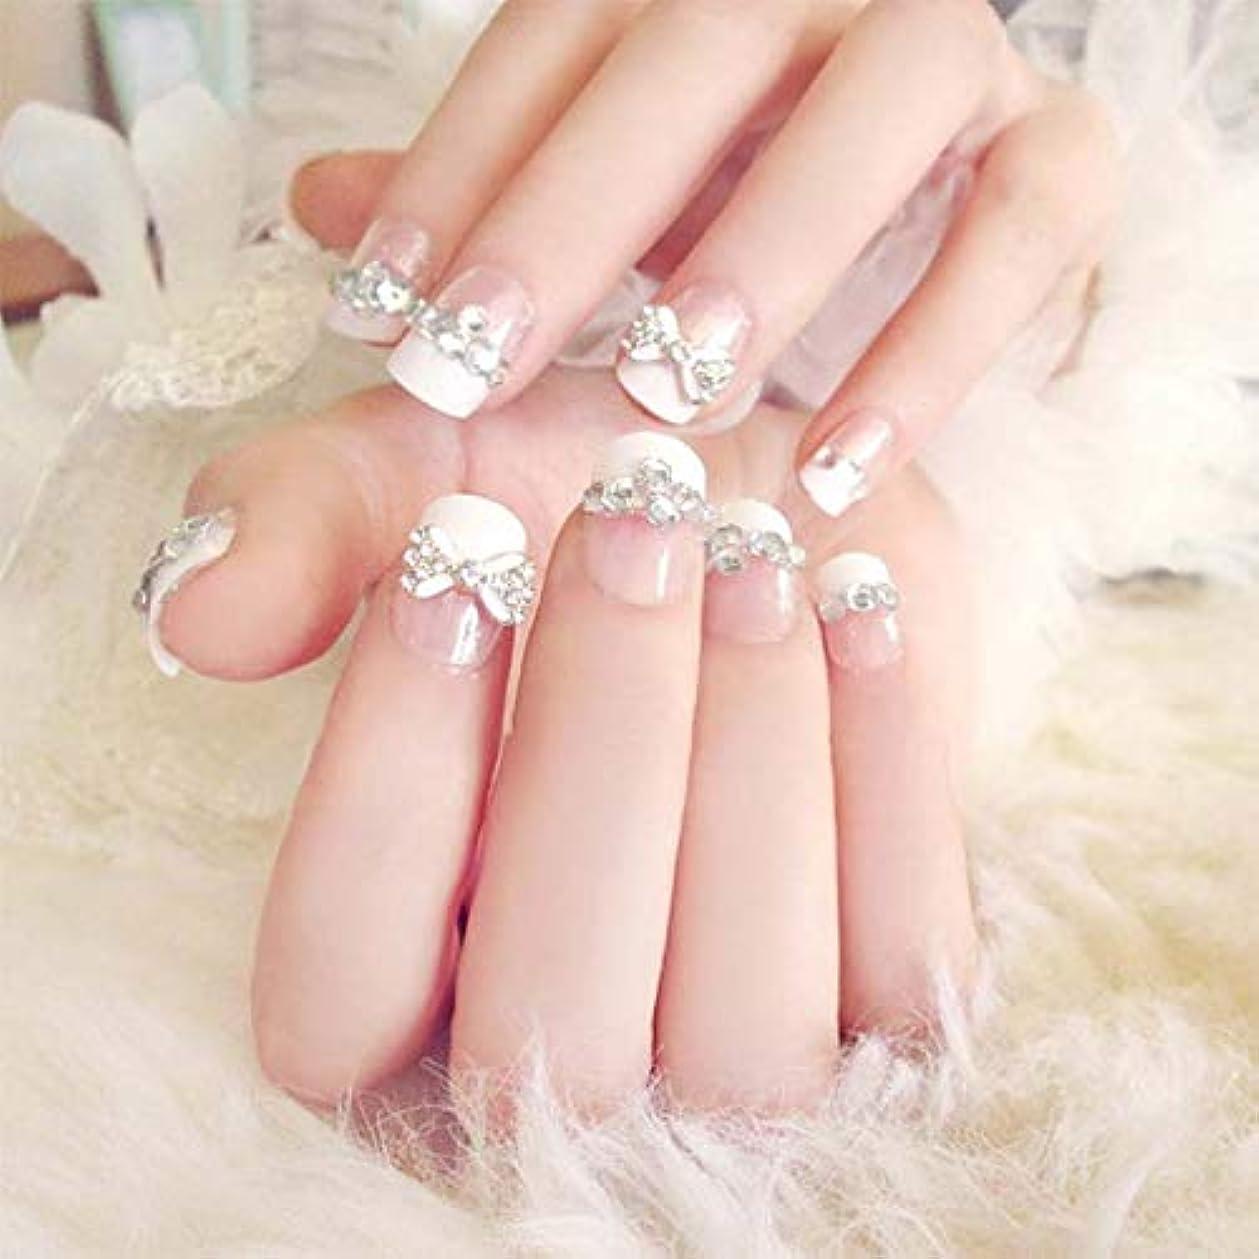 率直な惨めな必要性XUTXZKA 24個/セット偽の爪の結婚式の花嫁フルネイルのヒントミドルロング偽ネイル